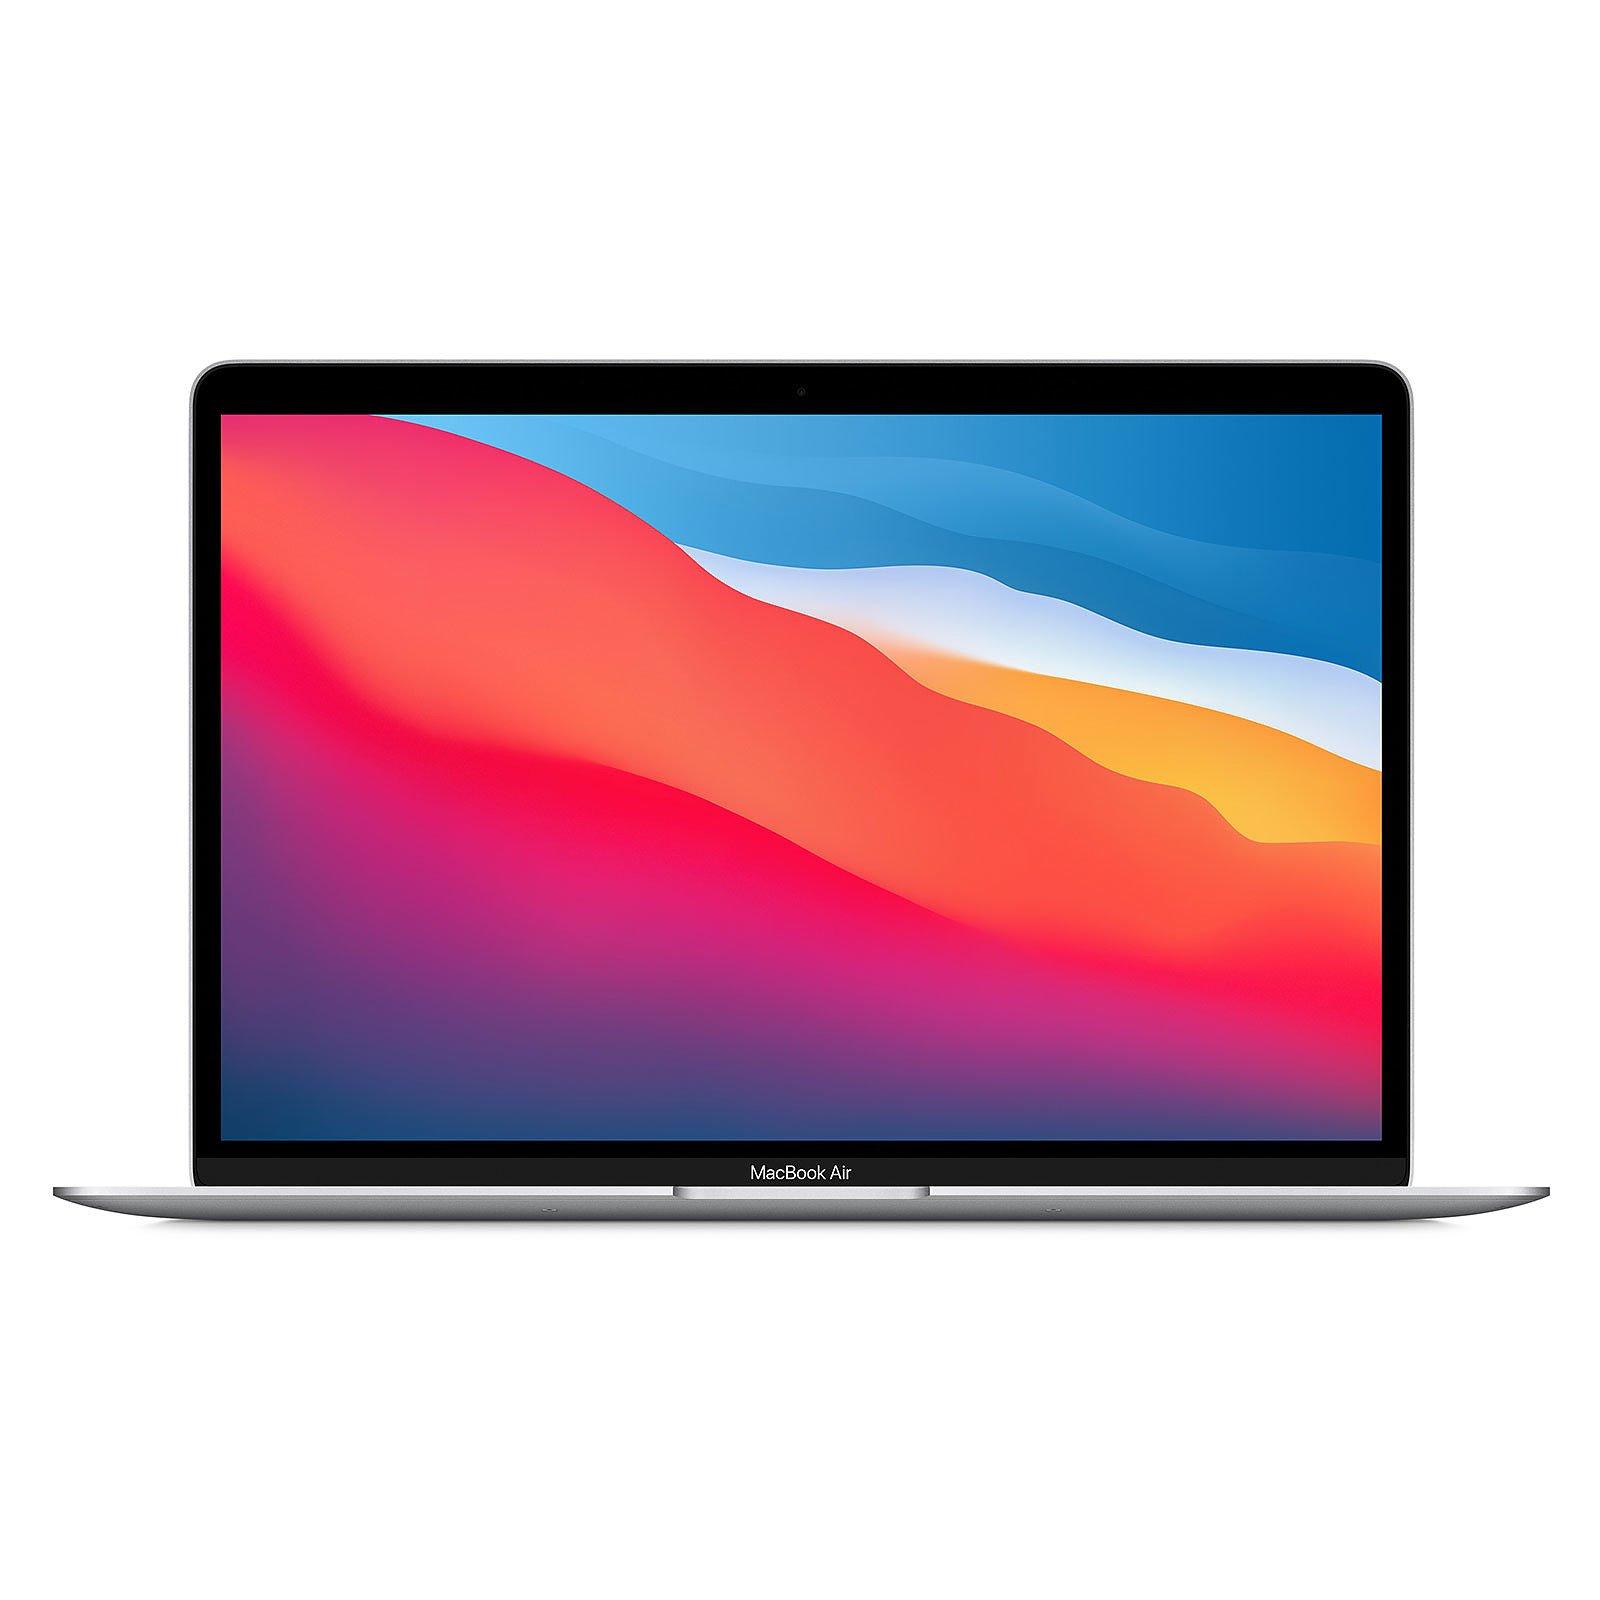 """[Adhérents] PC Portable 13,3"""" Apple MacBook Air - Écran WQHD, M1, 16 Go RAM, 256 Go SSD (+120€ sur le compte fidélité pour les adhérents)"""